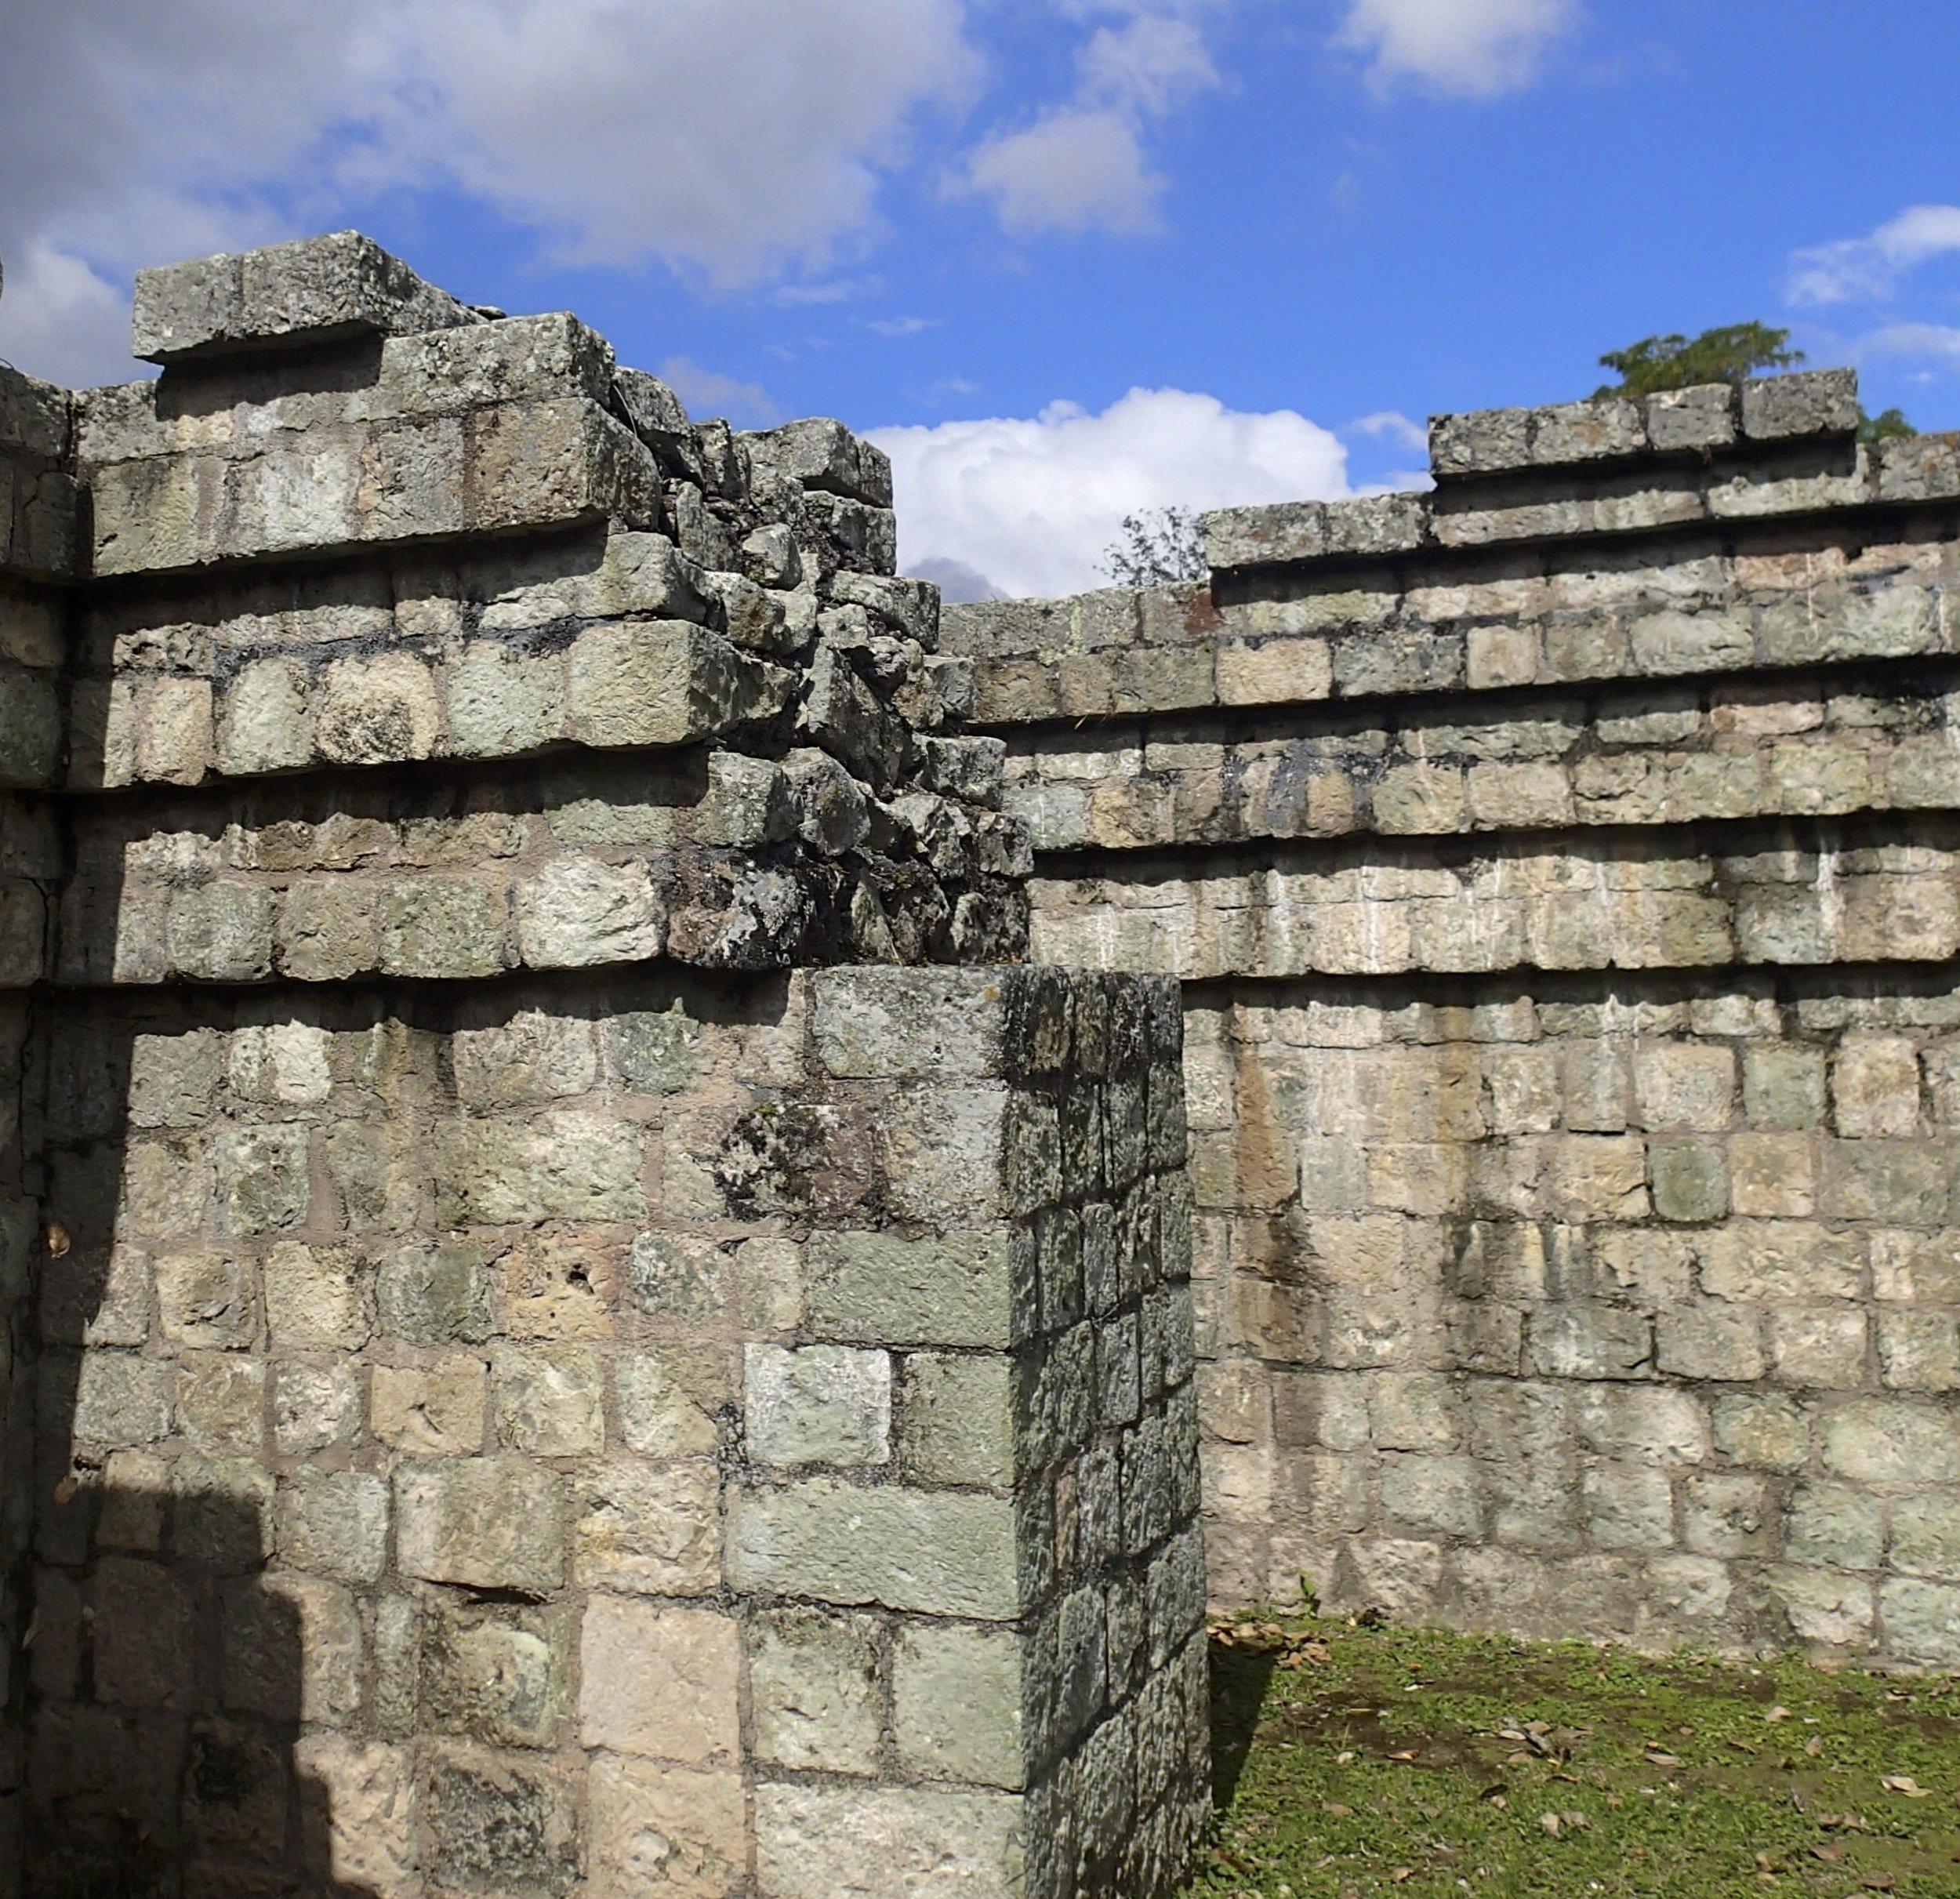 Copan Ruinas 12-28-13.jpg